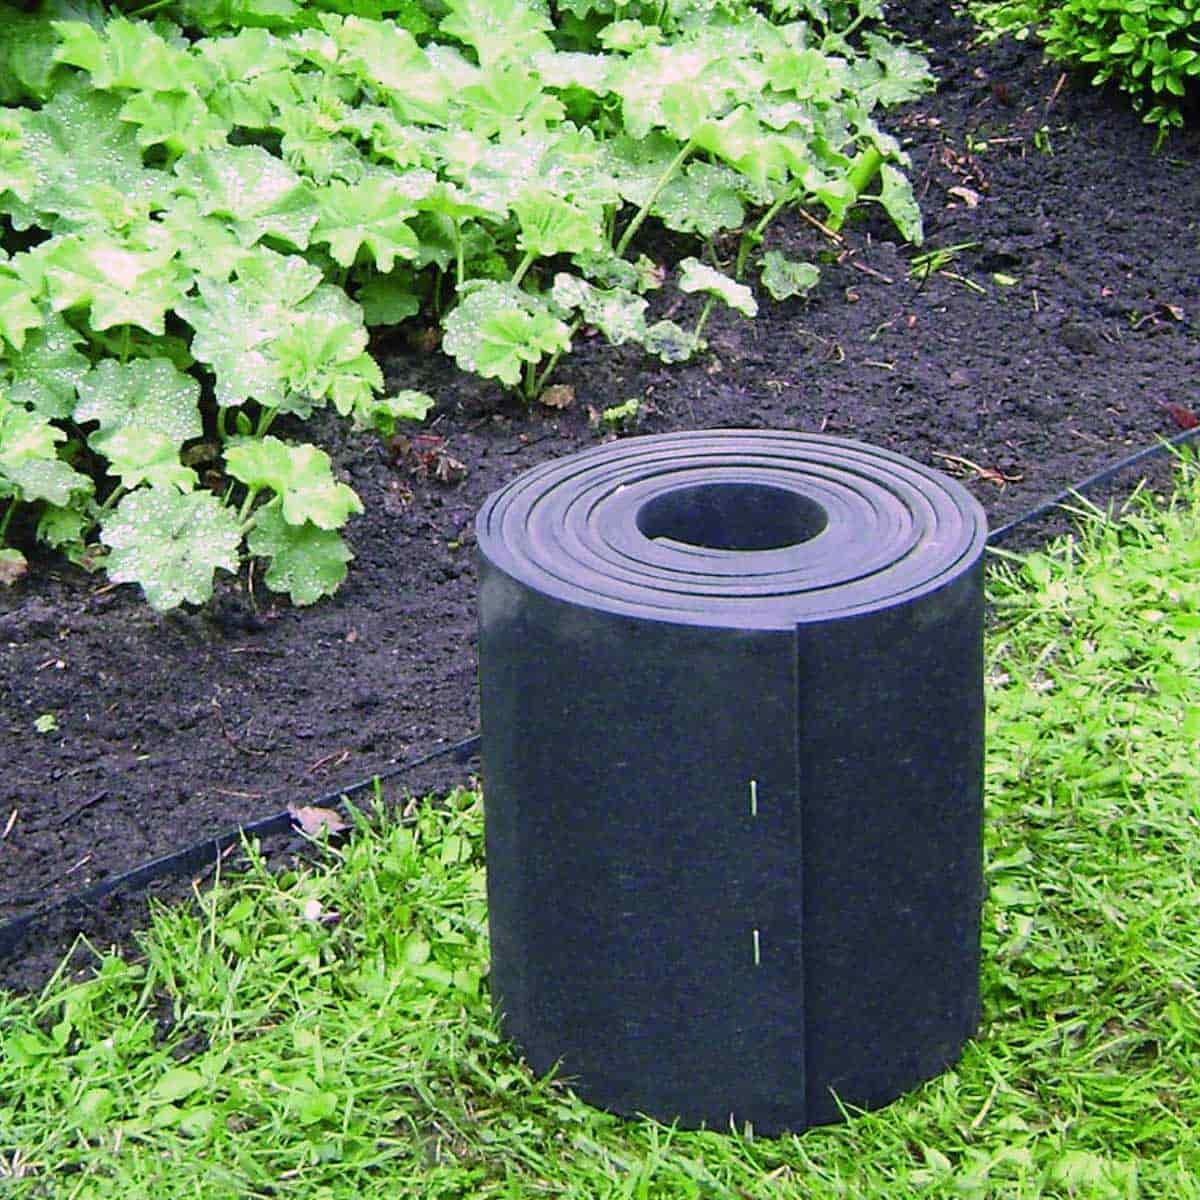 Barriere Anti Envahissantes 5Mx20Cm Caoutchouc Recyclé tout Bordure Caoutchouc Jardin